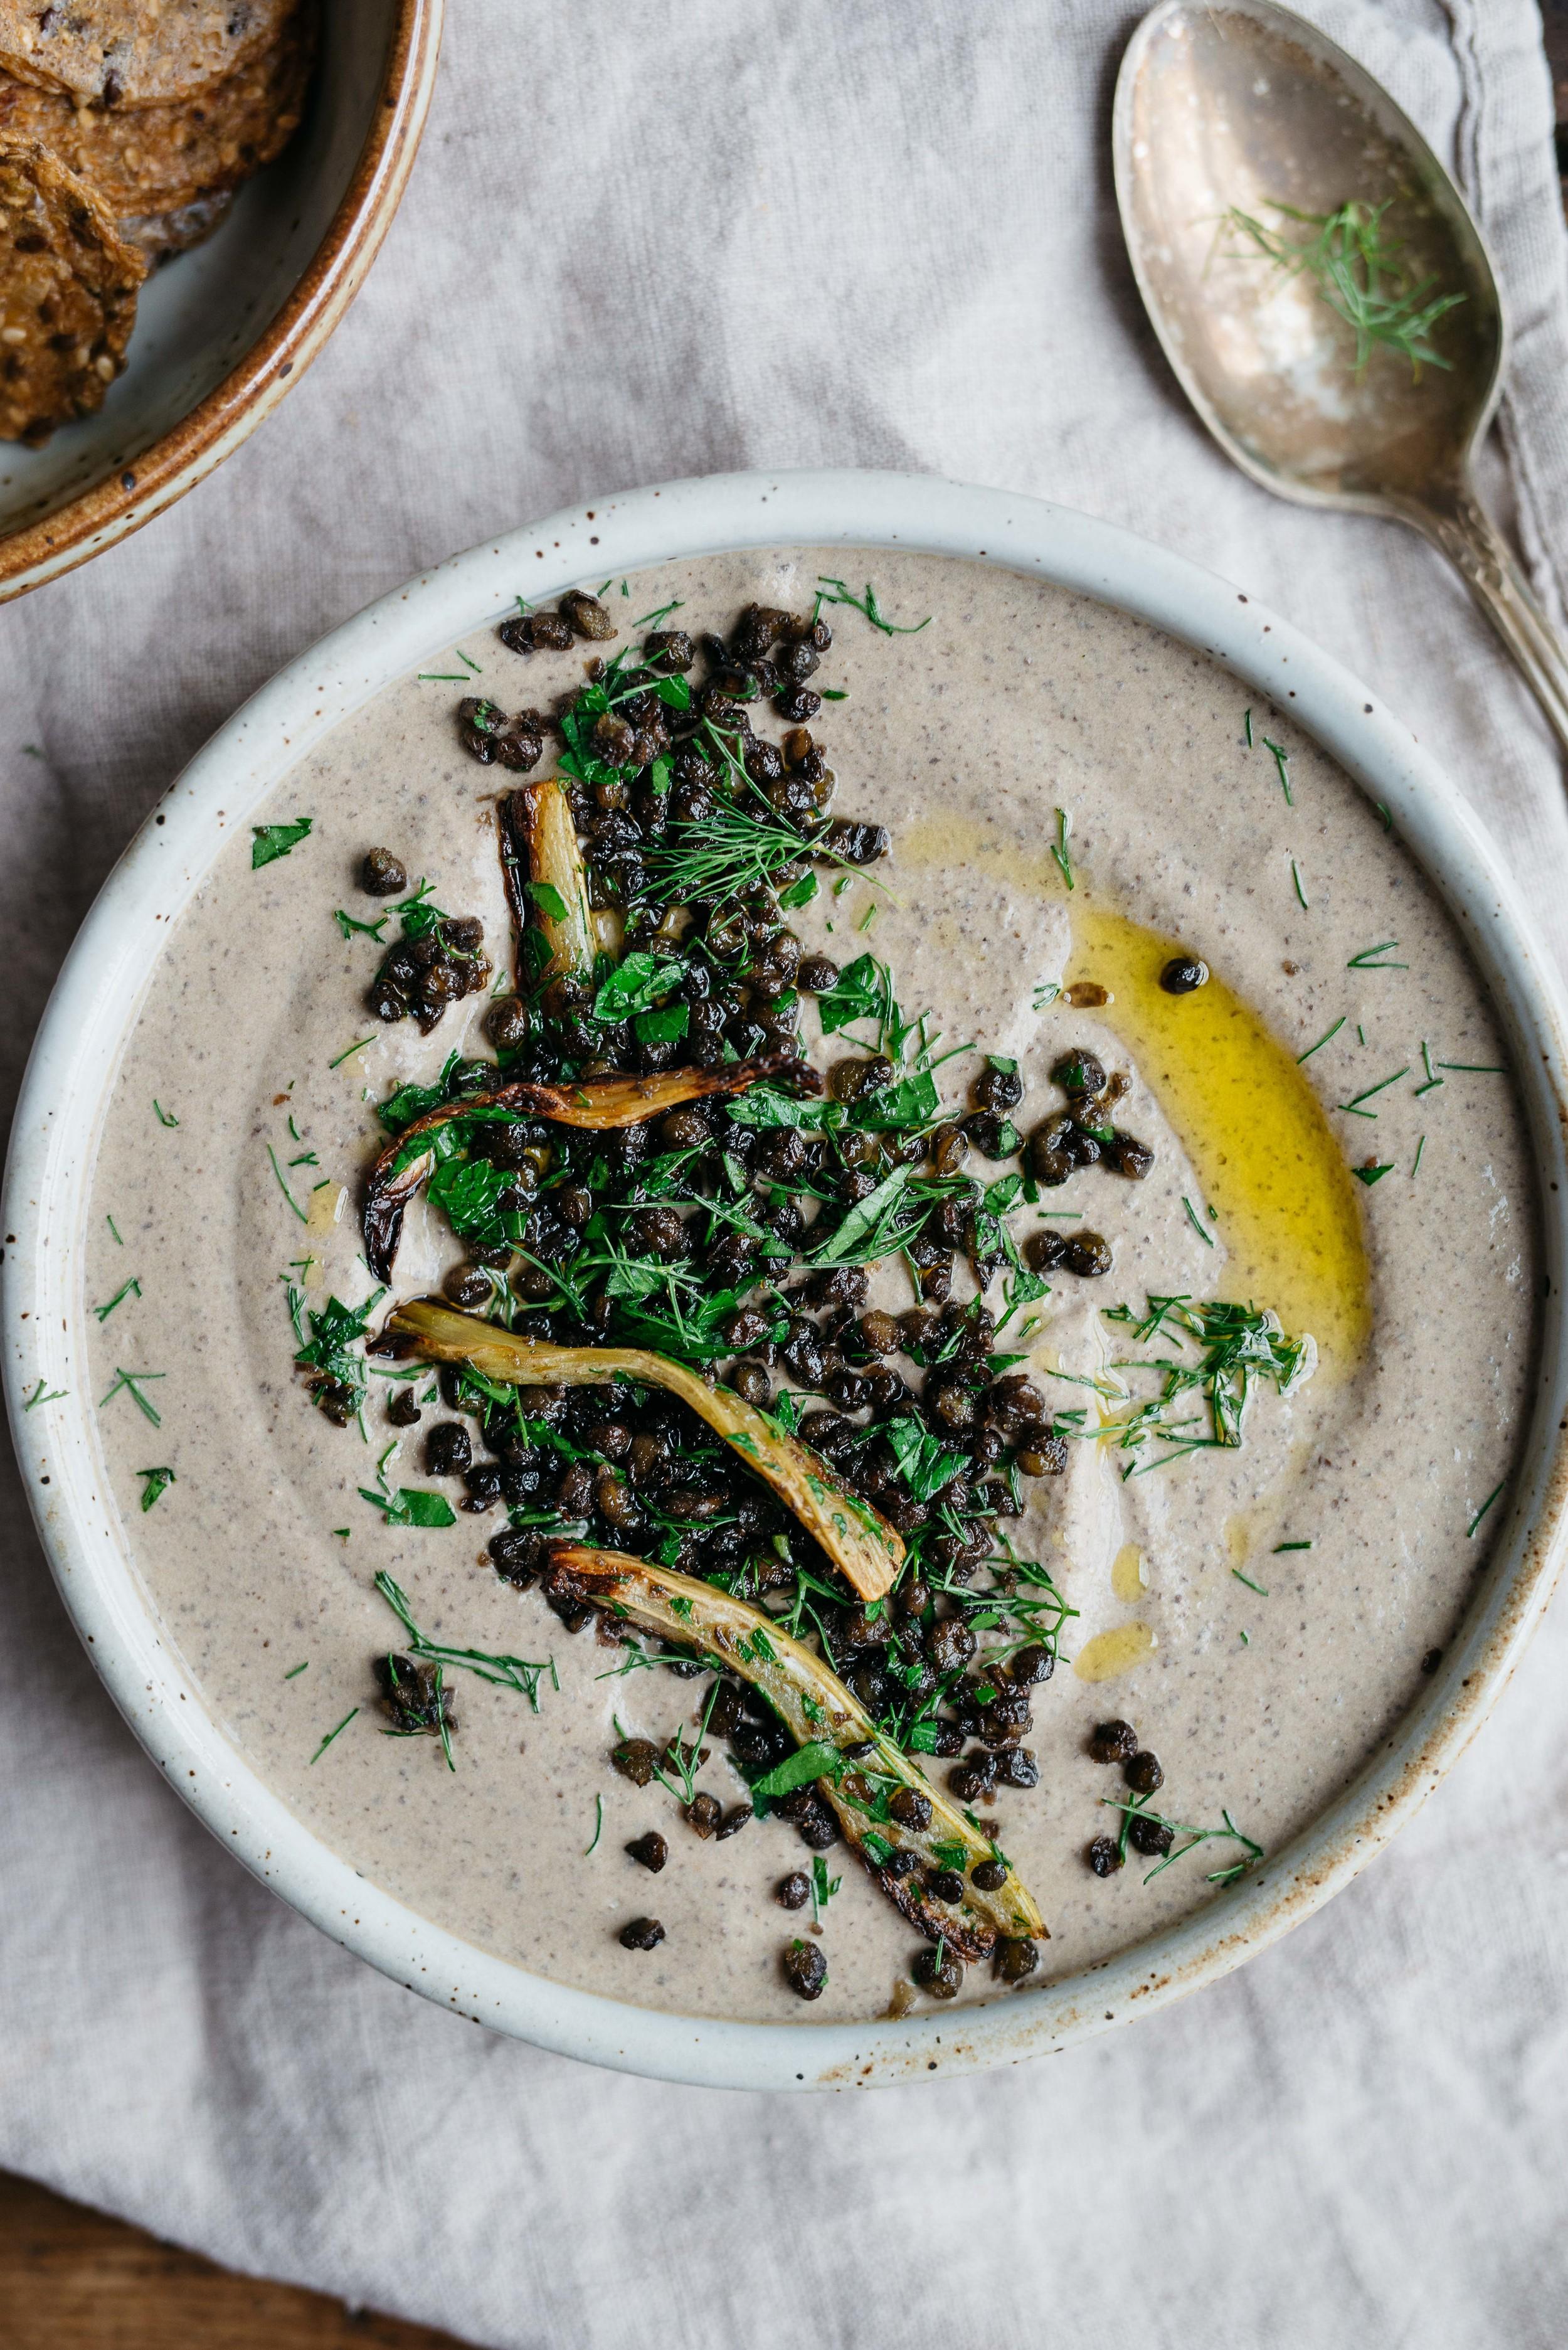 Black beluga lentil hummus w/ roasted fennel + garlic | dolly and oatmeal